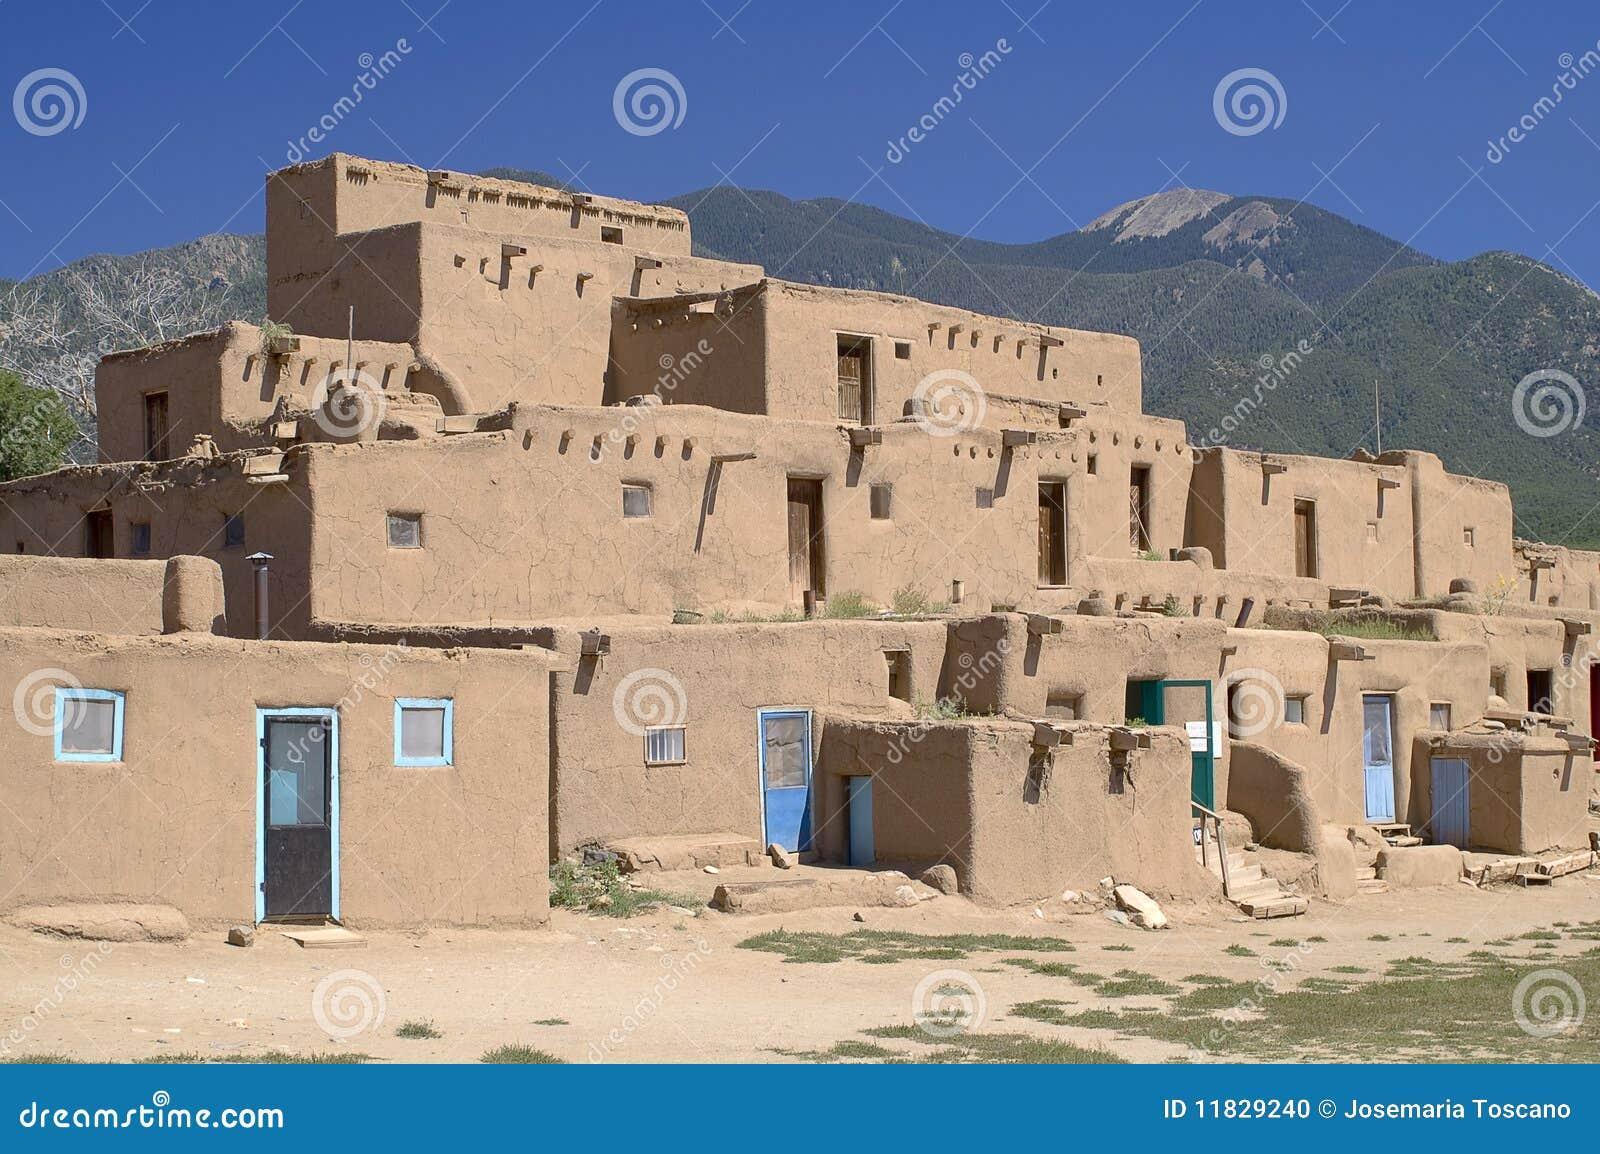 Casas de adobe en el pueblo de taos foto de archivo - Fachadas casas de pueblo ...